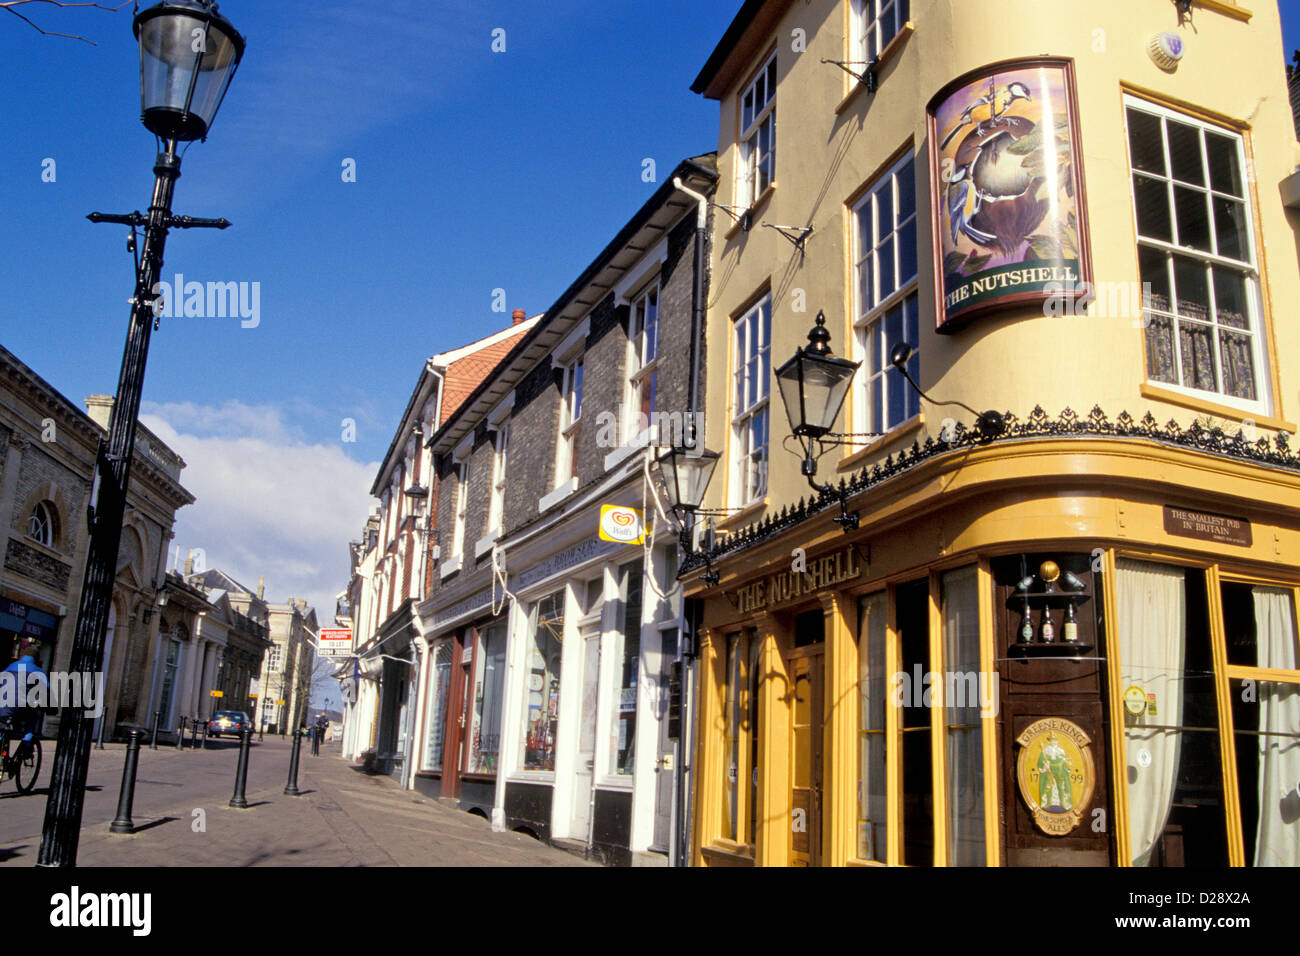 England. Bury St. Edmunds. - Stock Image